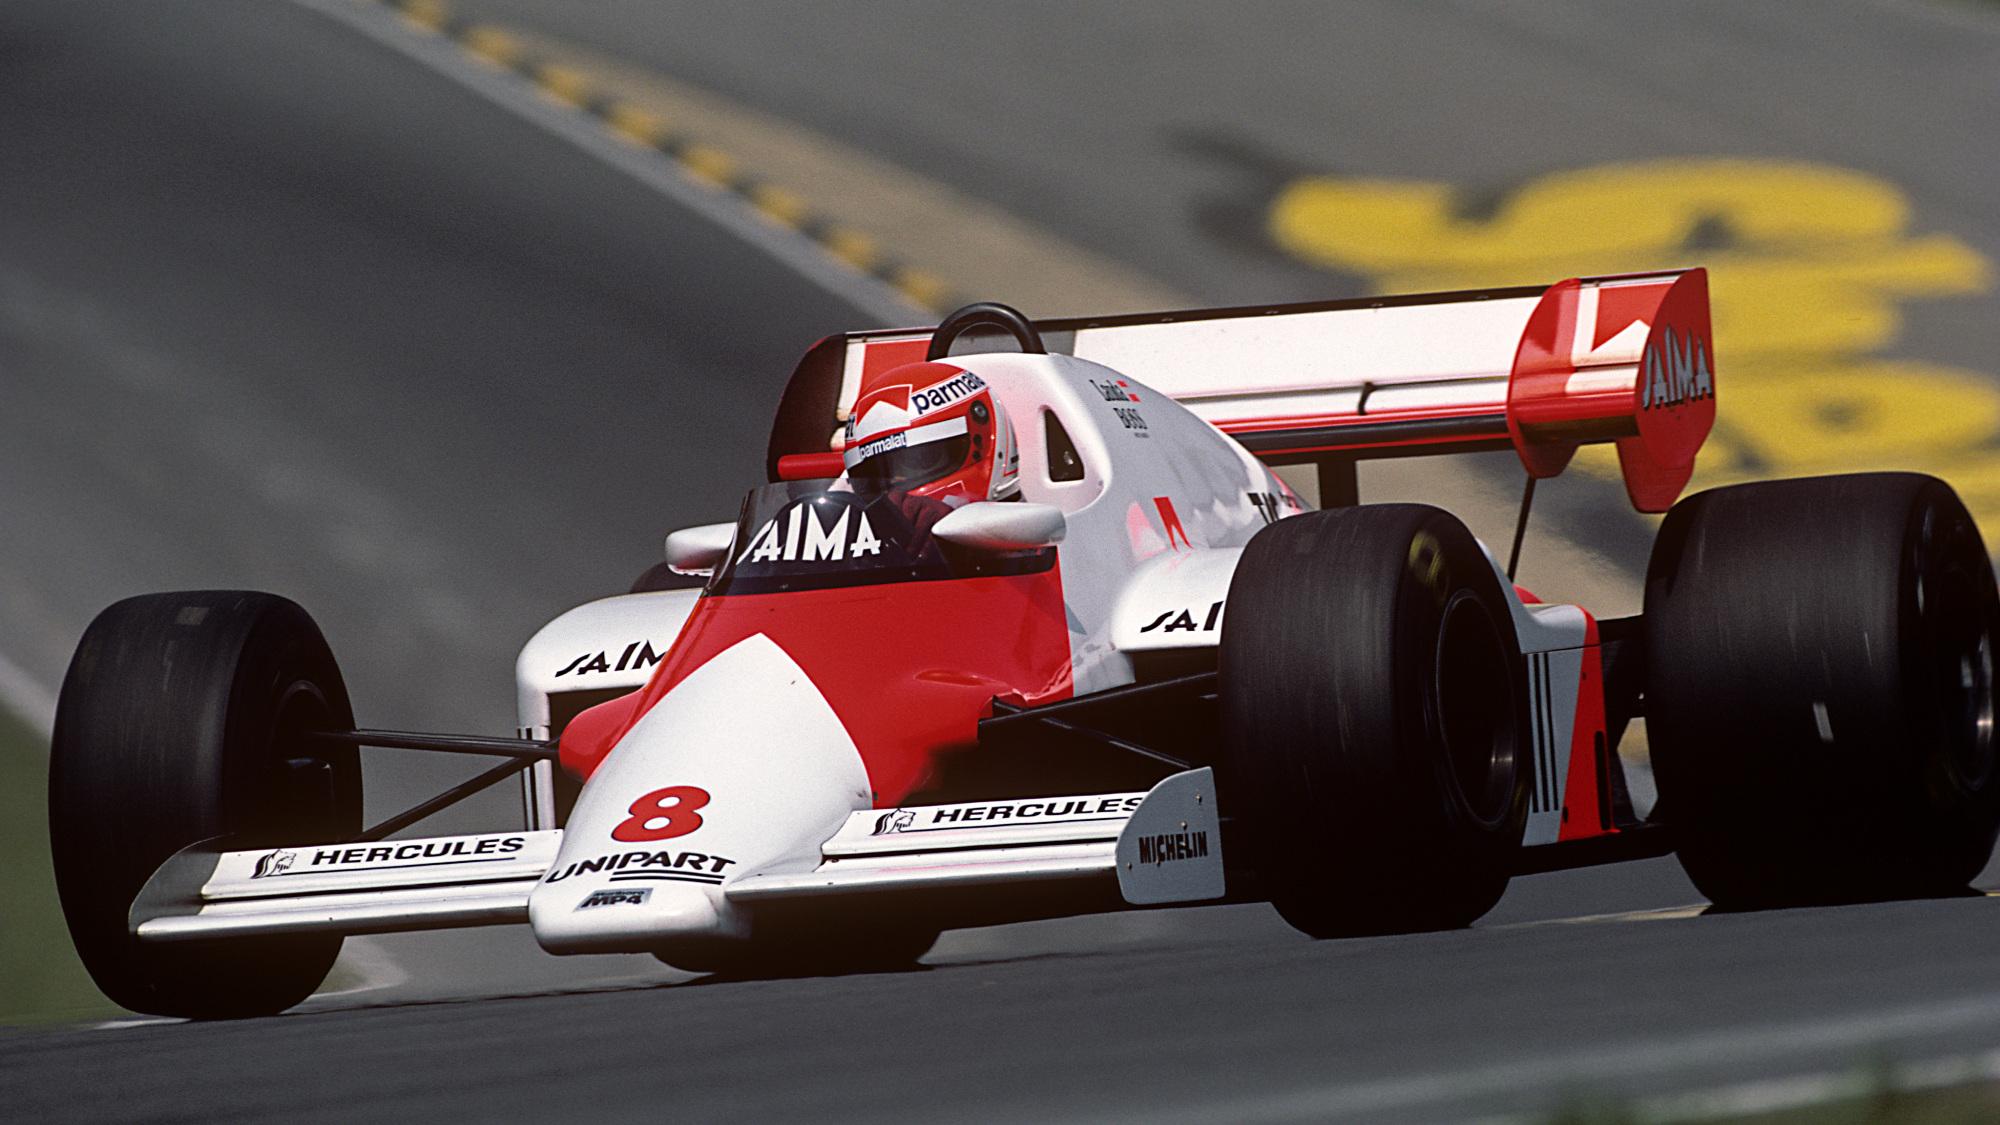 Niki Lauda, 1984 British GP